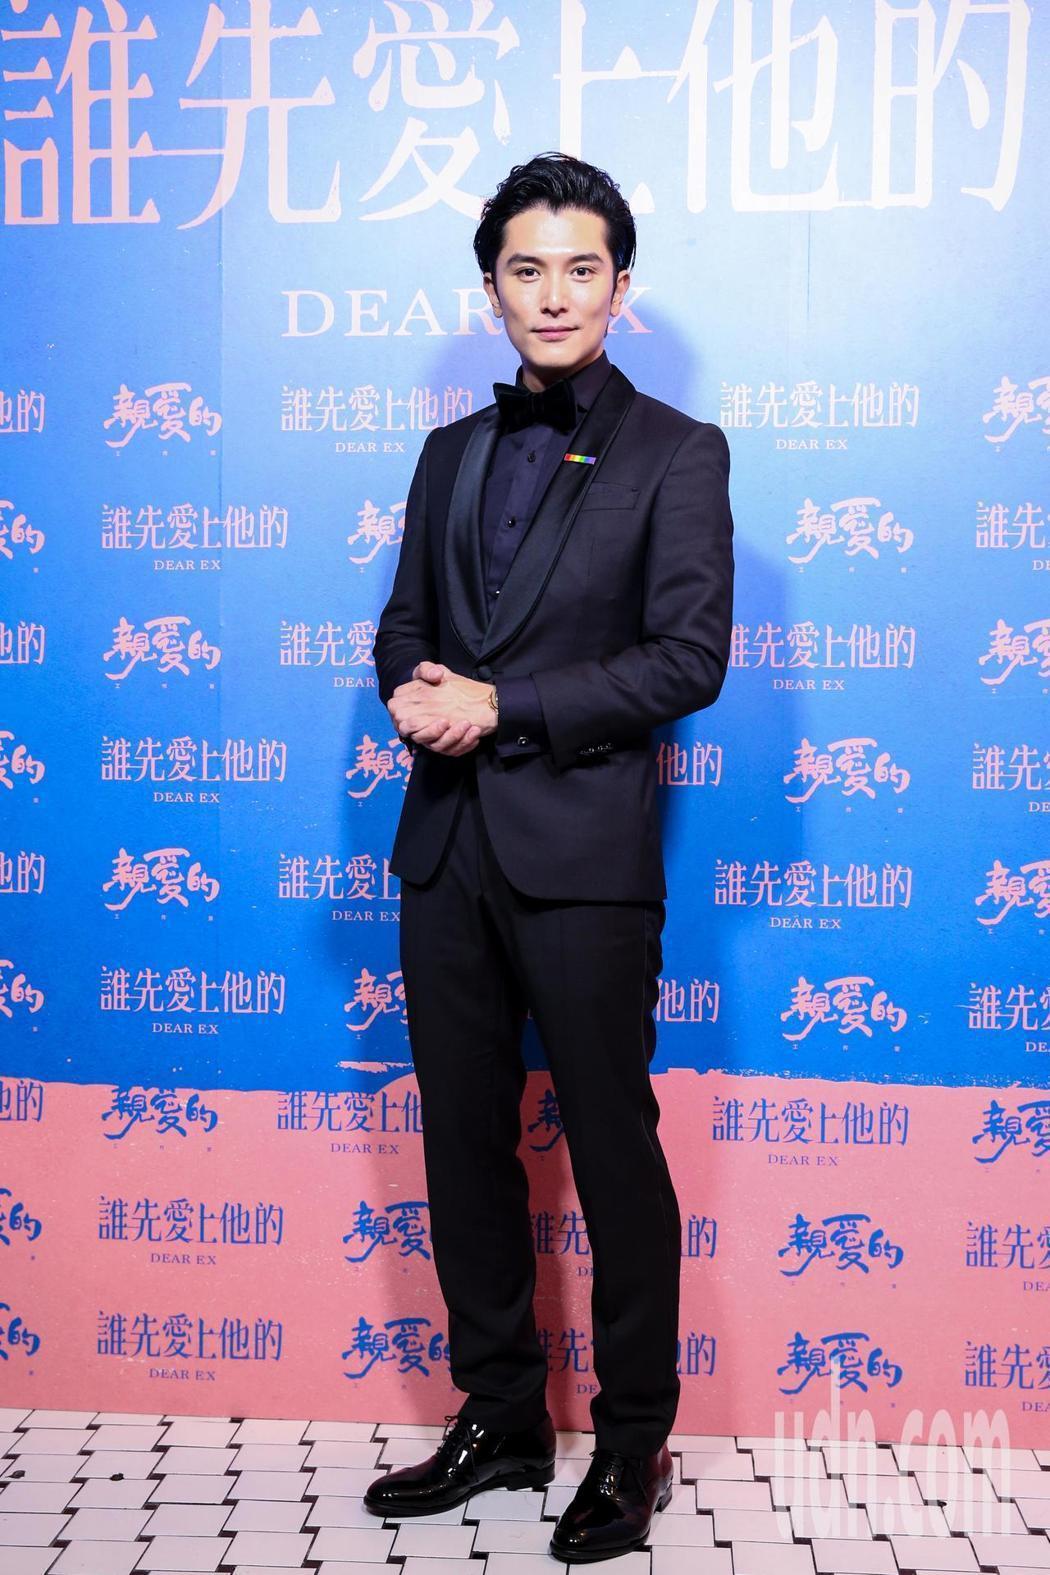 邱澤以「誰先愛上他的」提名金馬獎,可惜最後未能獲獎。記者鄭清元/攝影